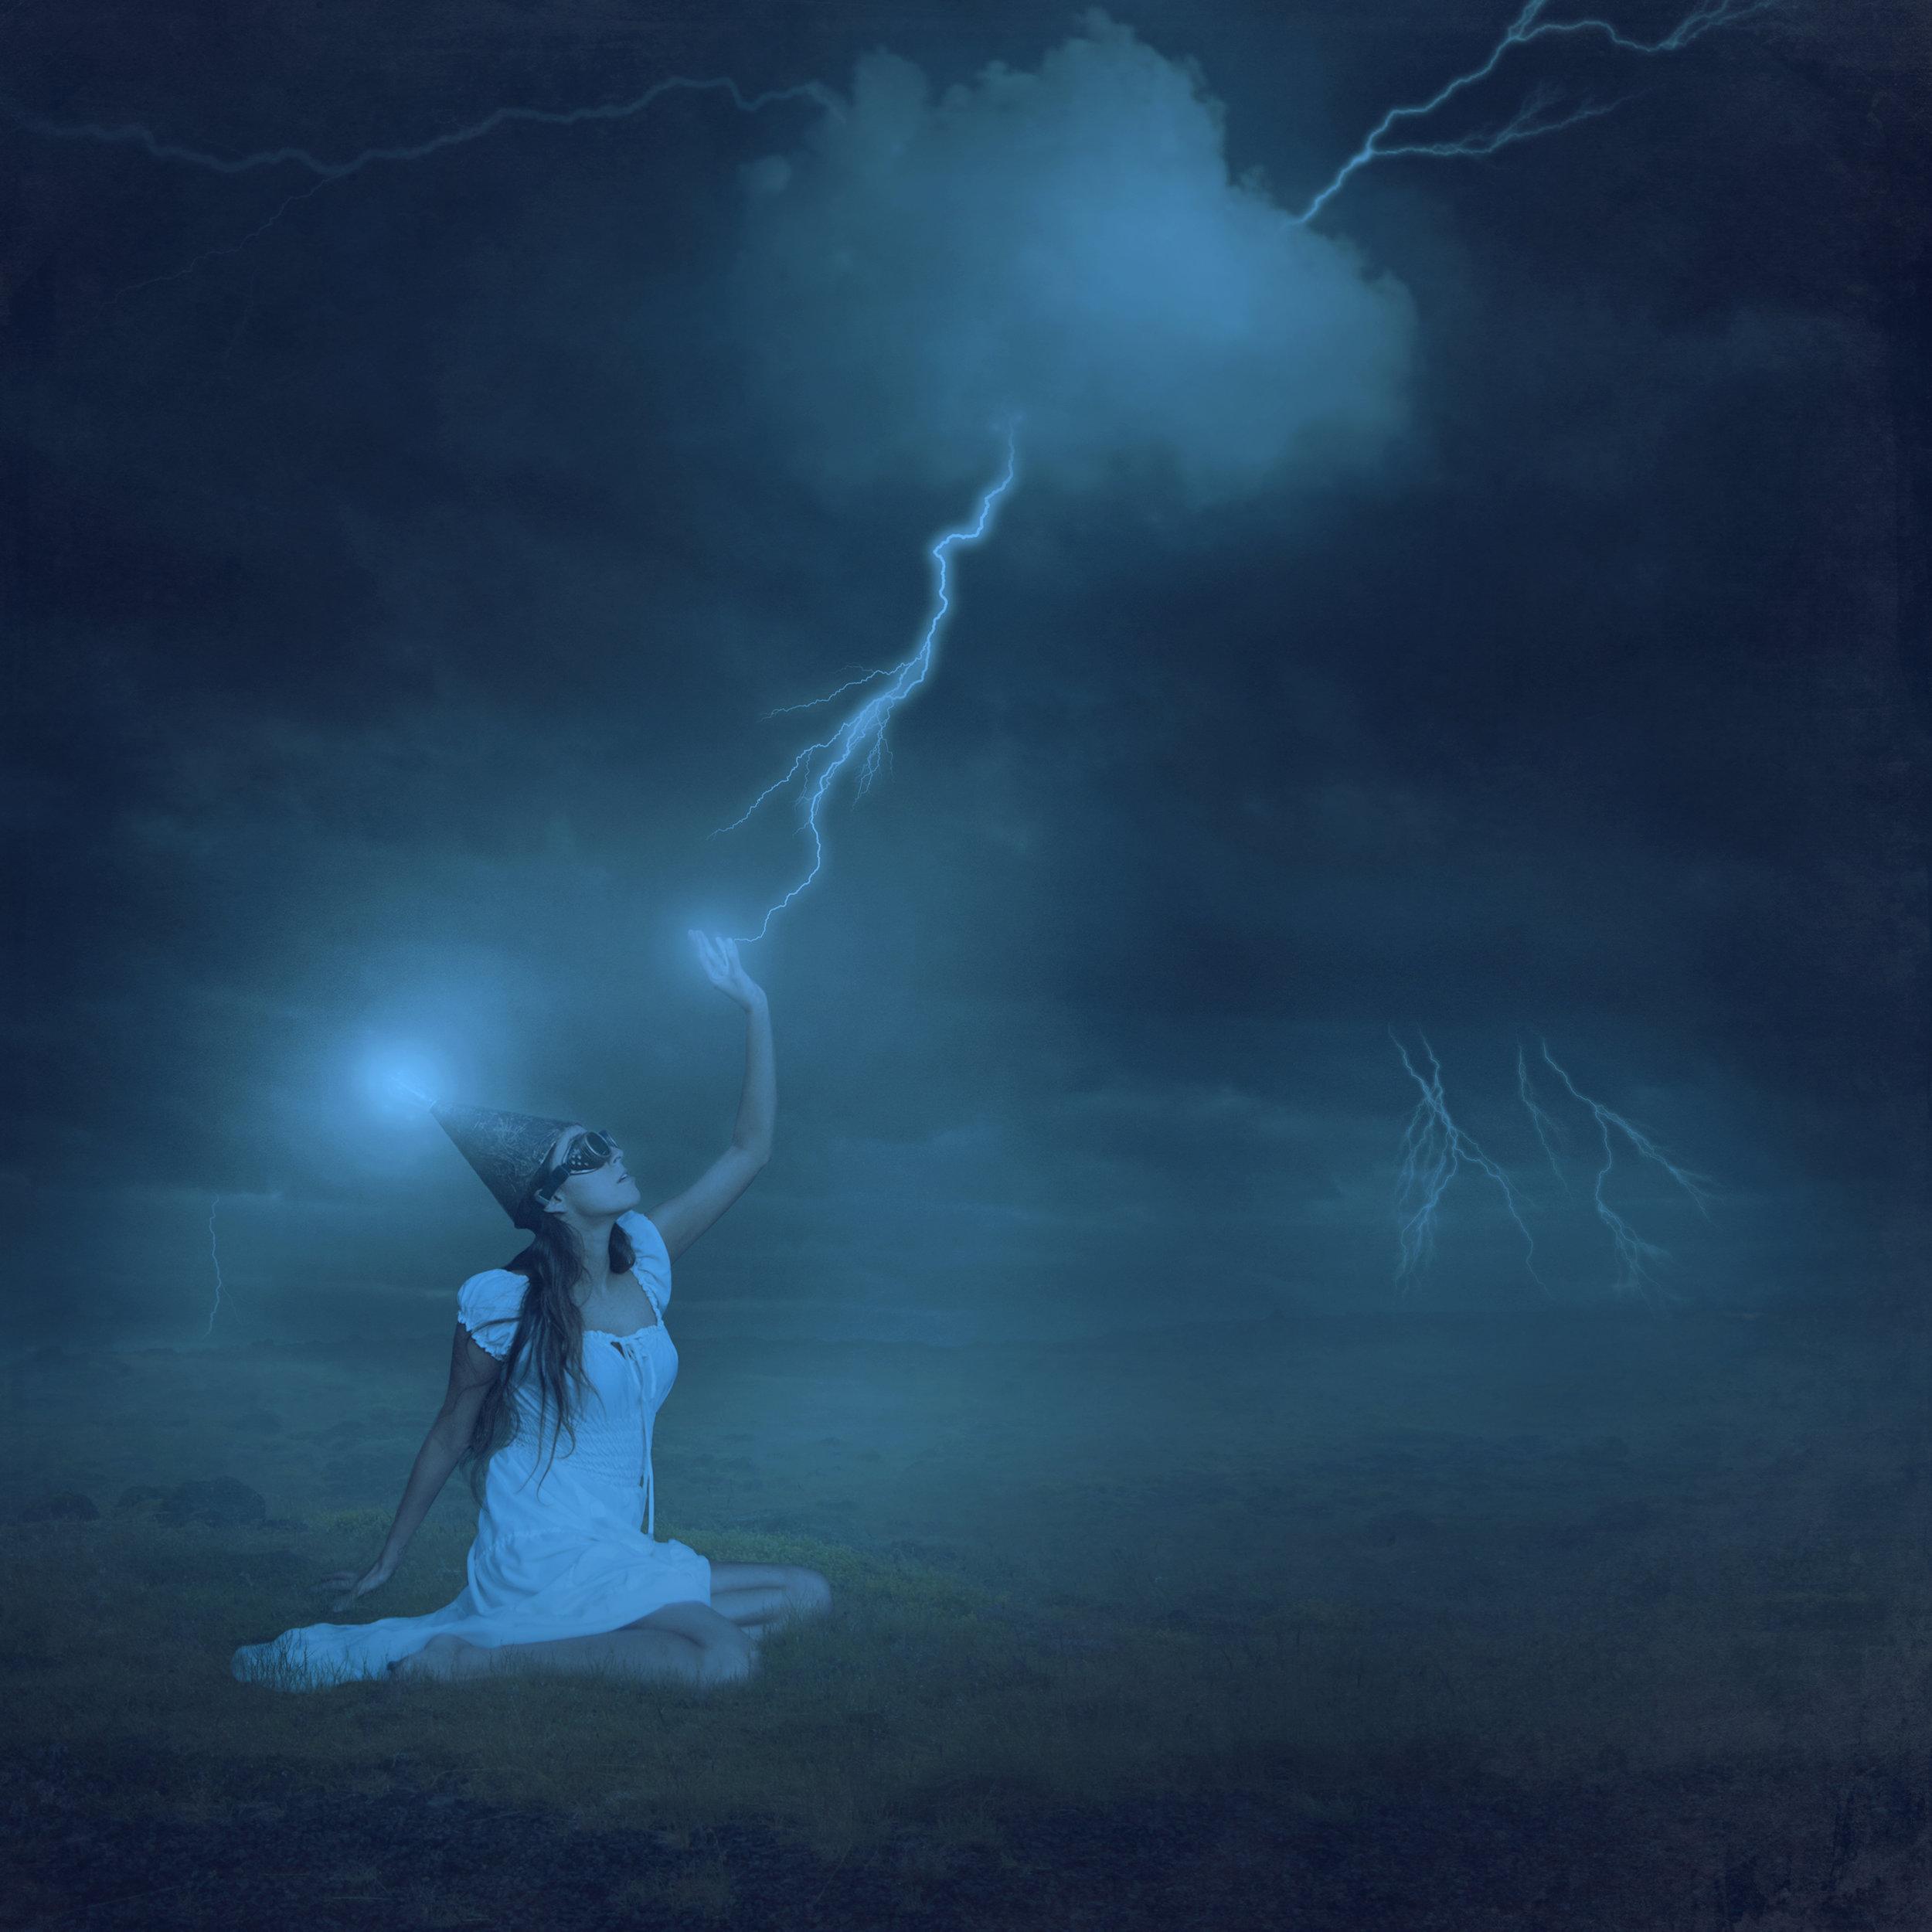 repeticion de foto de bombilla y tormenta.jpg